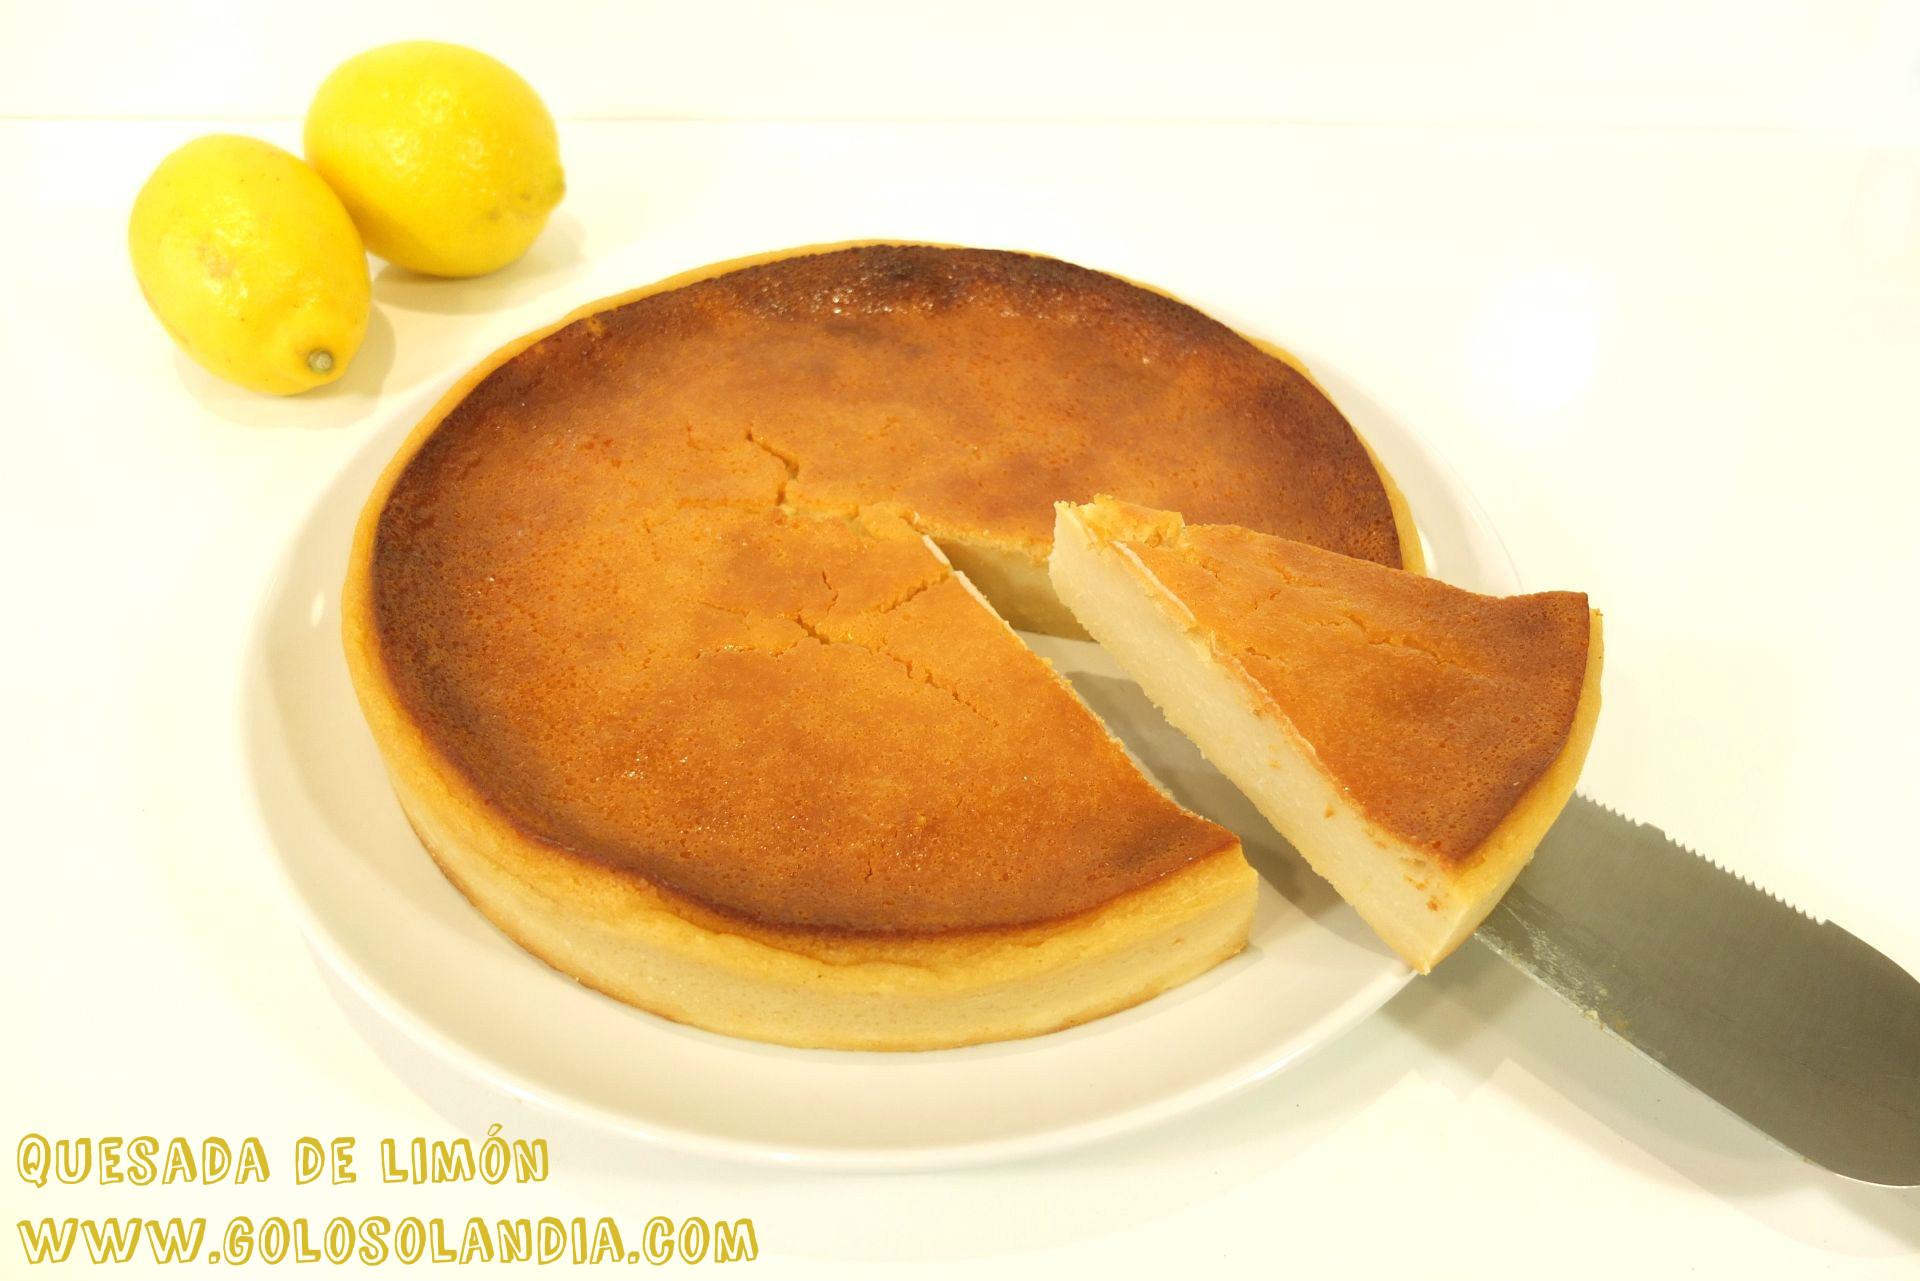 Quesada de limón